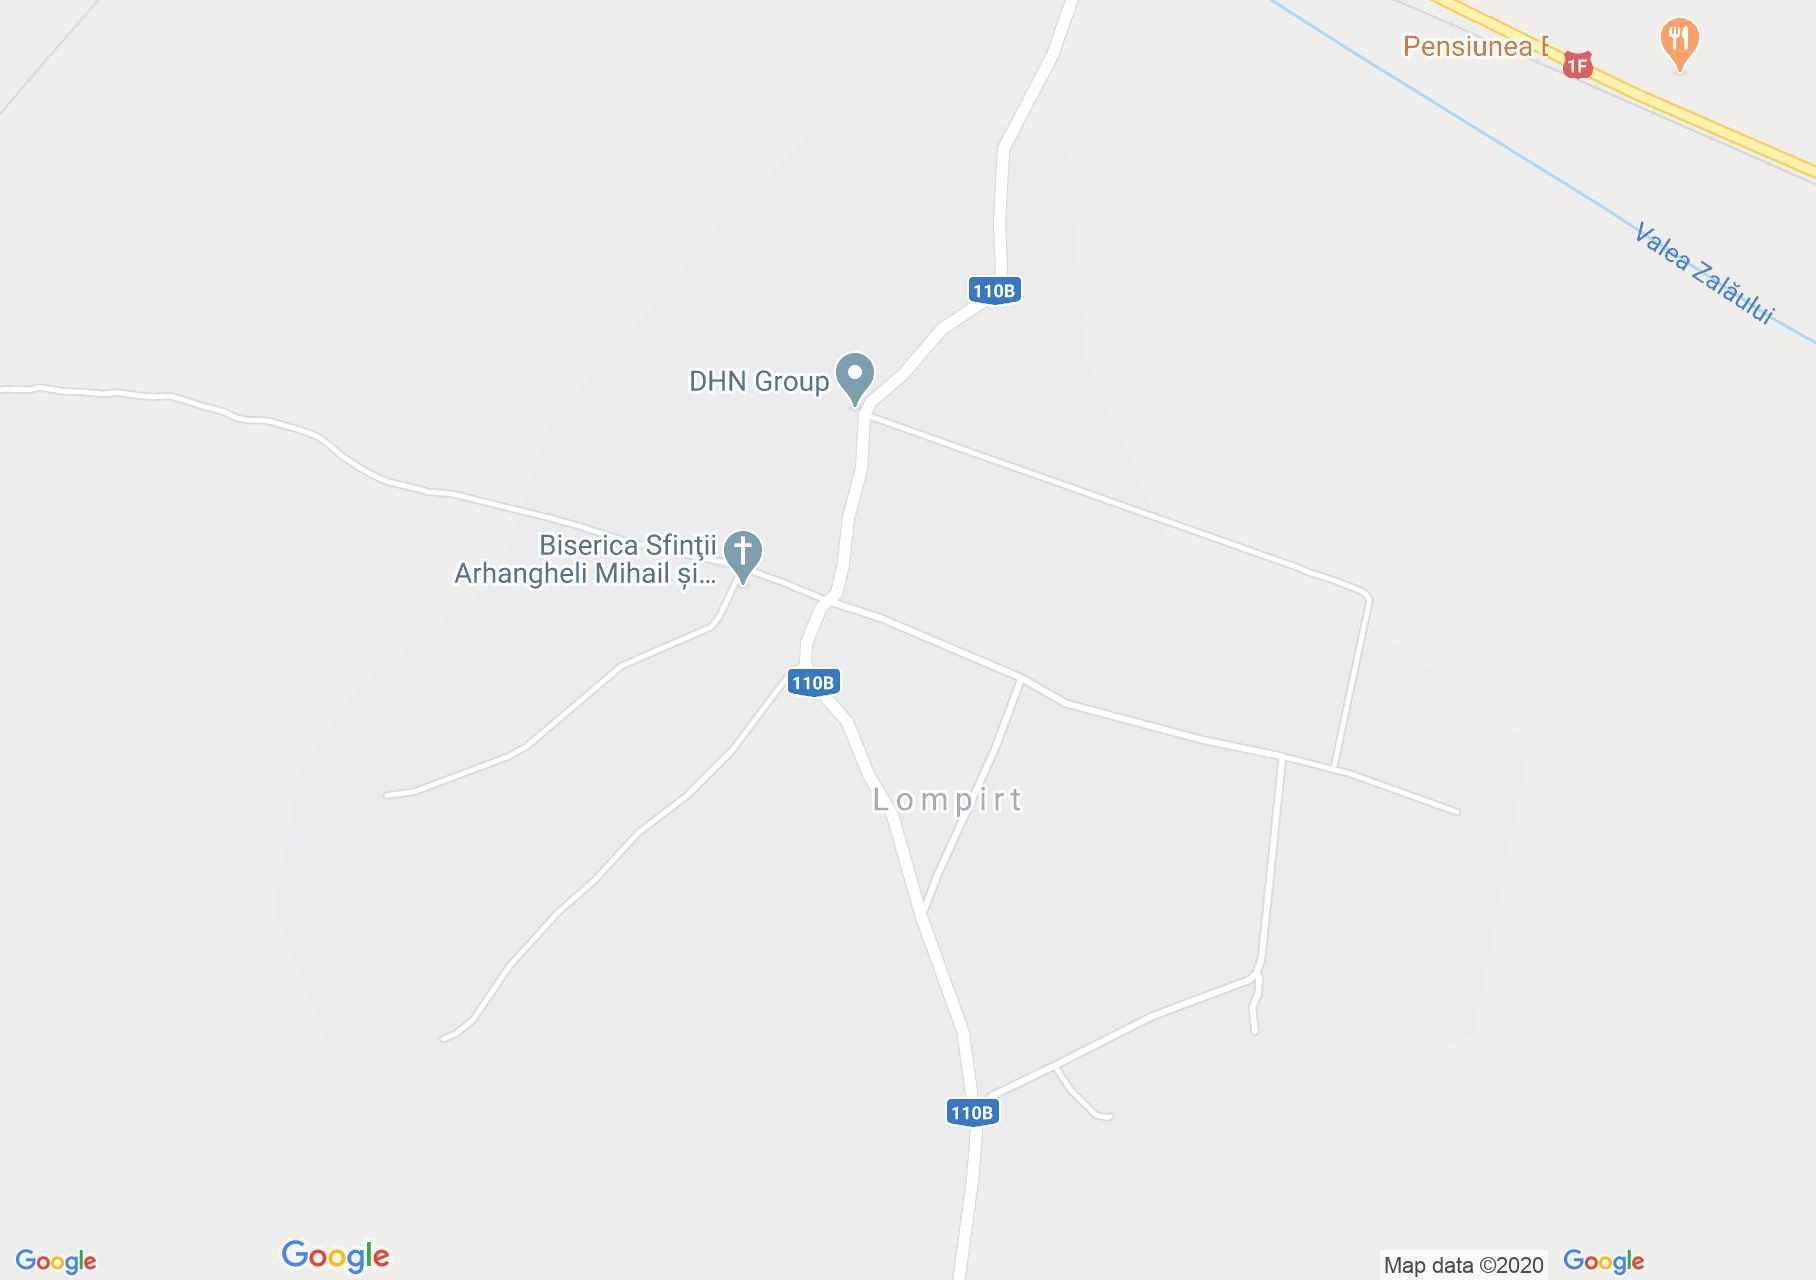 Lompirt, Harta turistică interactivă